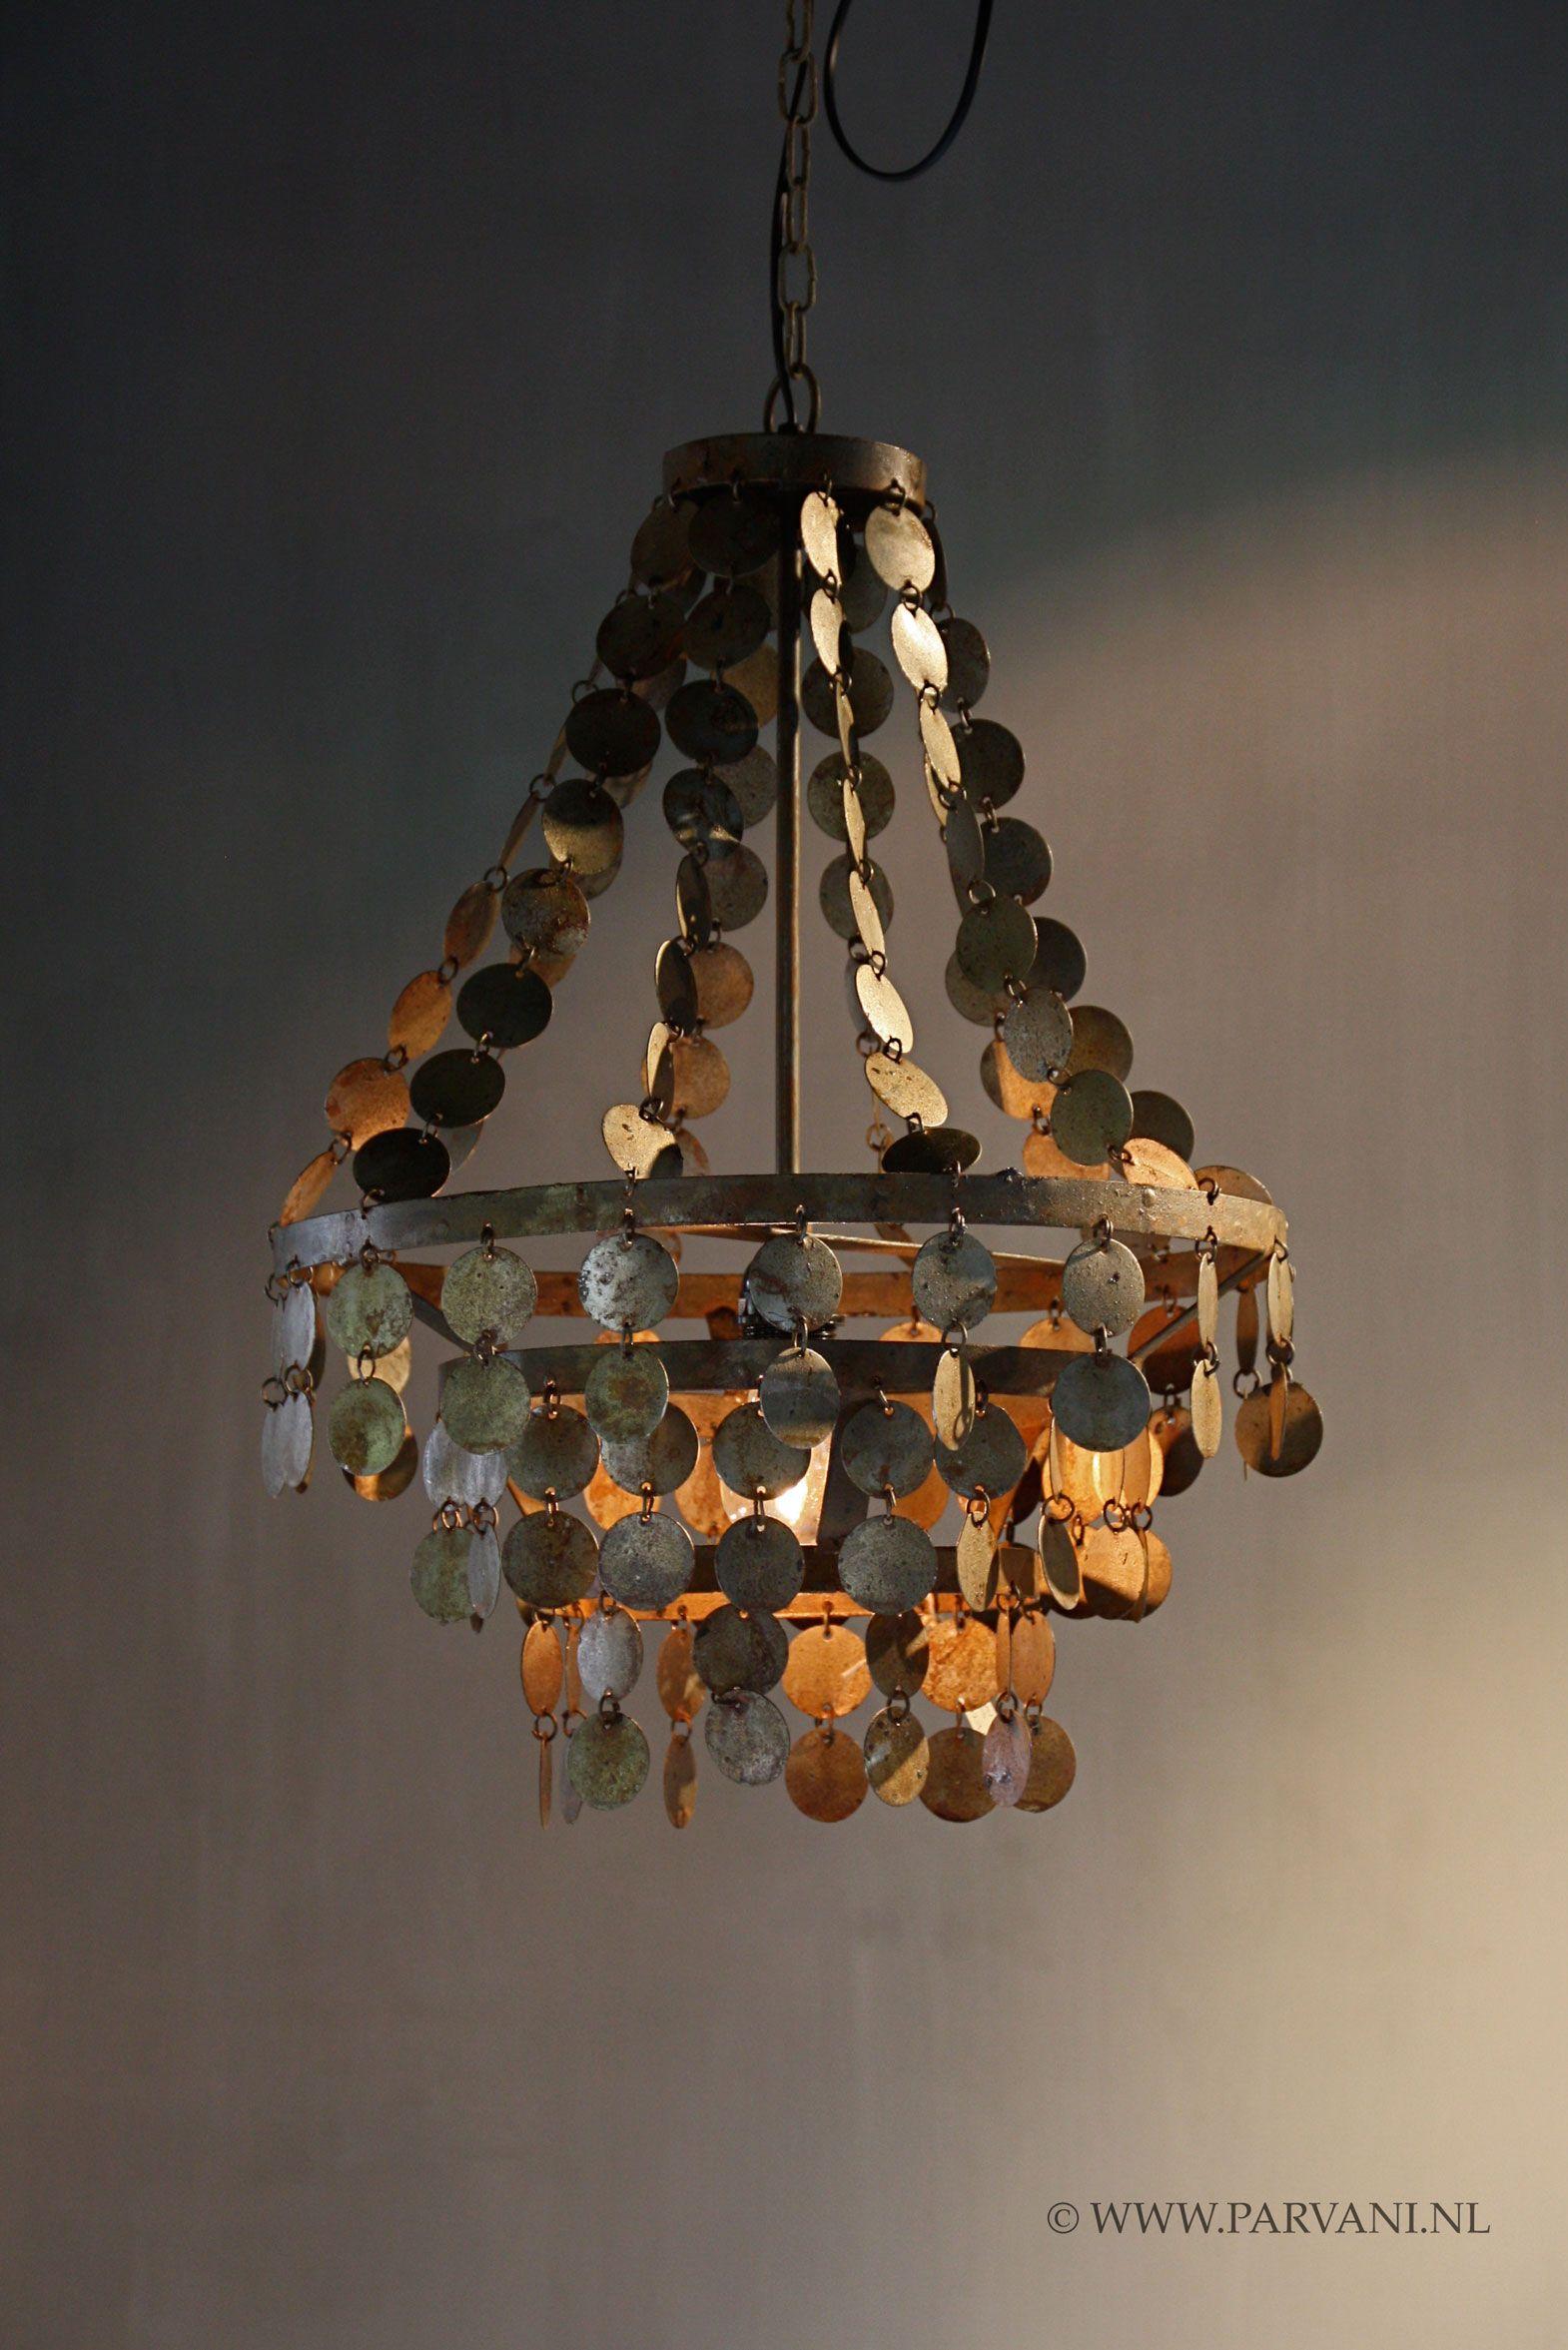 Fonkelnieuw Parvani | Kroonluchter-Hoffz-ijzeren-schijfjes-hanglamp | Parvani MY-23